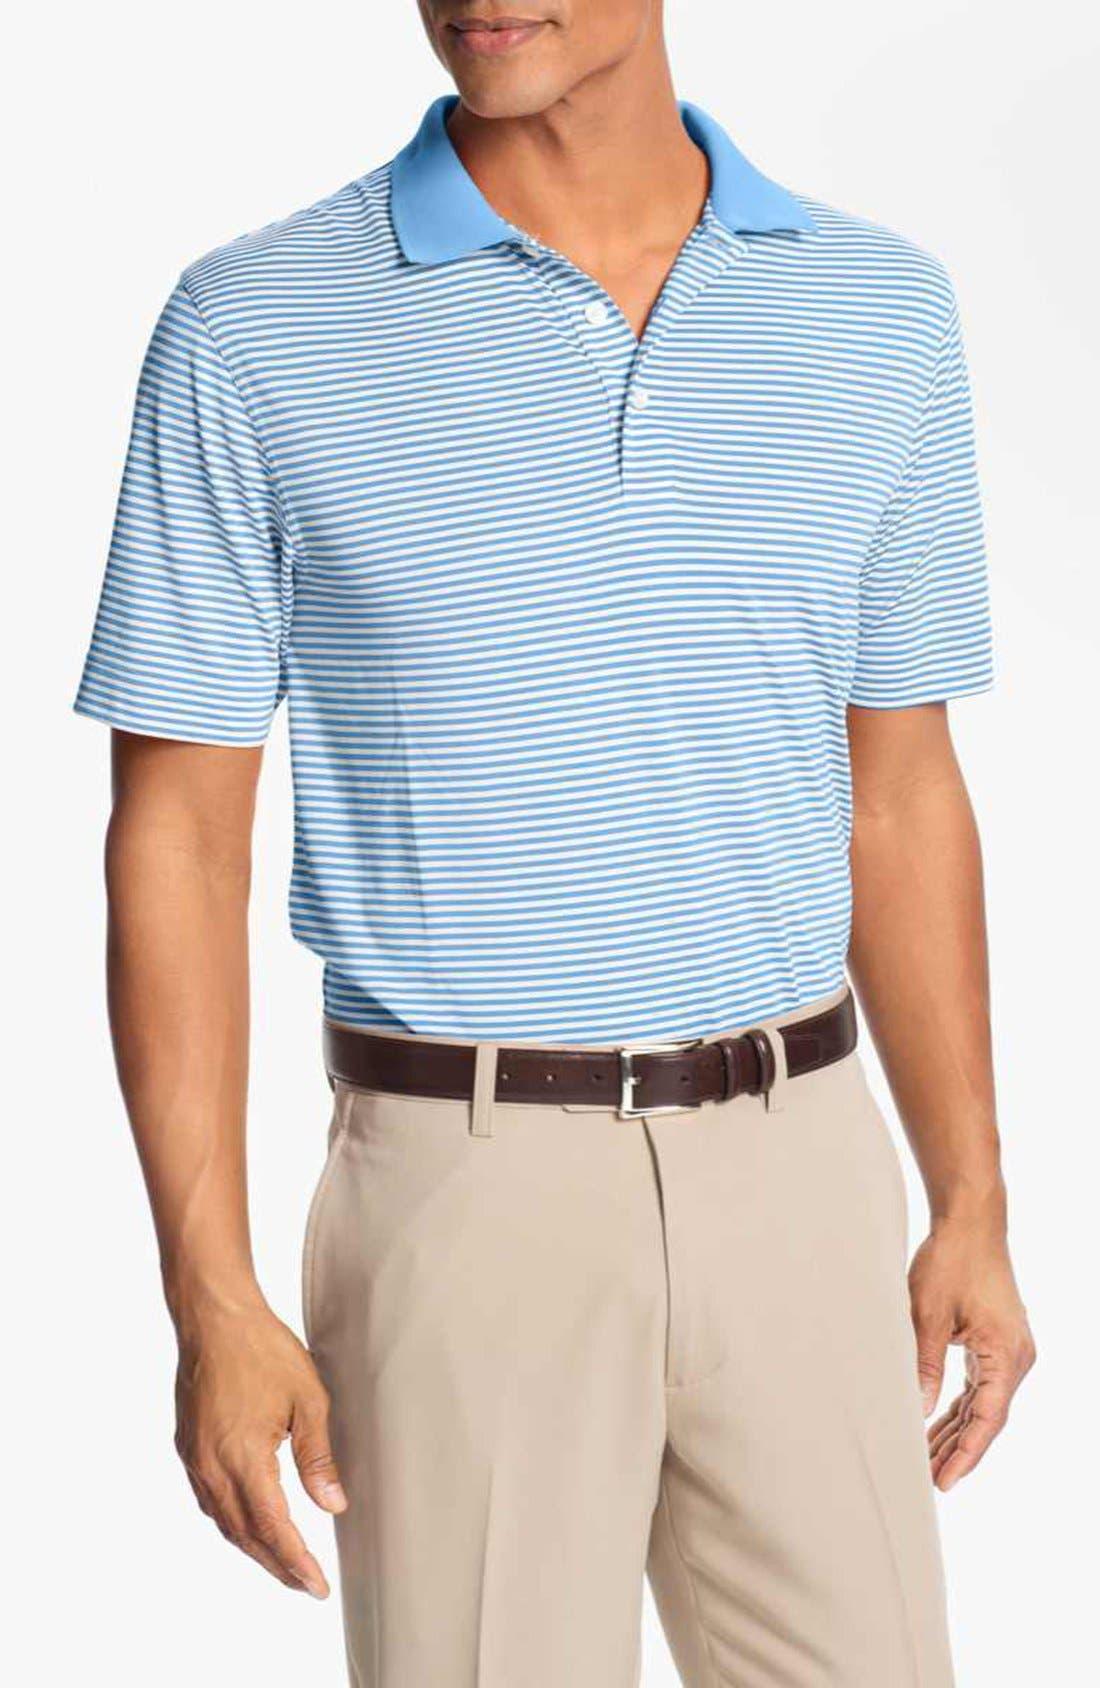 Cutter & Buck 'Trevor' DryTec Moisture Wicking Golf Polo (Big & Tall)